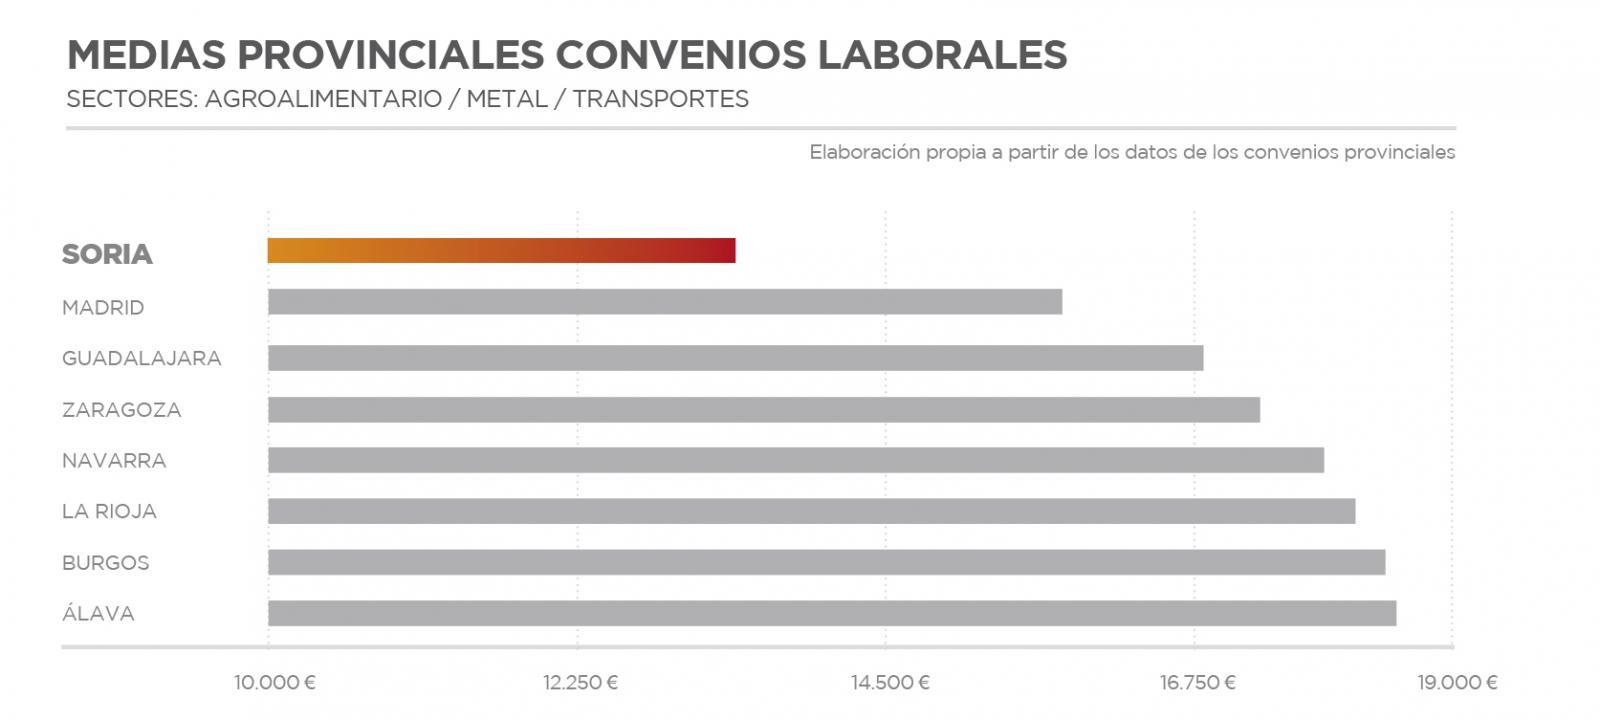 Competitividad salarial